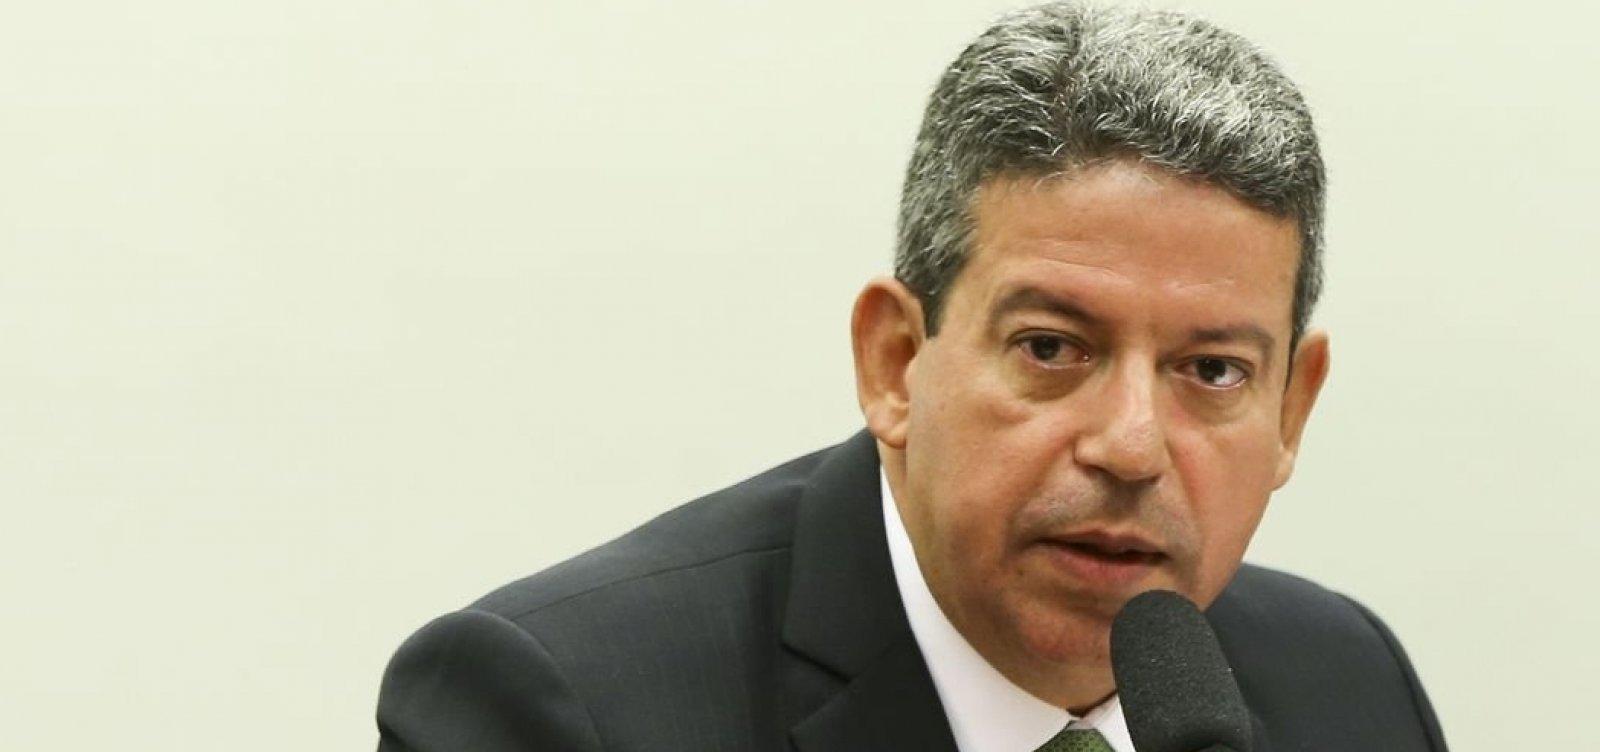 Candidato do governo, Lira contradiz Bolsonaro e afirma que ninguém interfere na presidência da Câmara